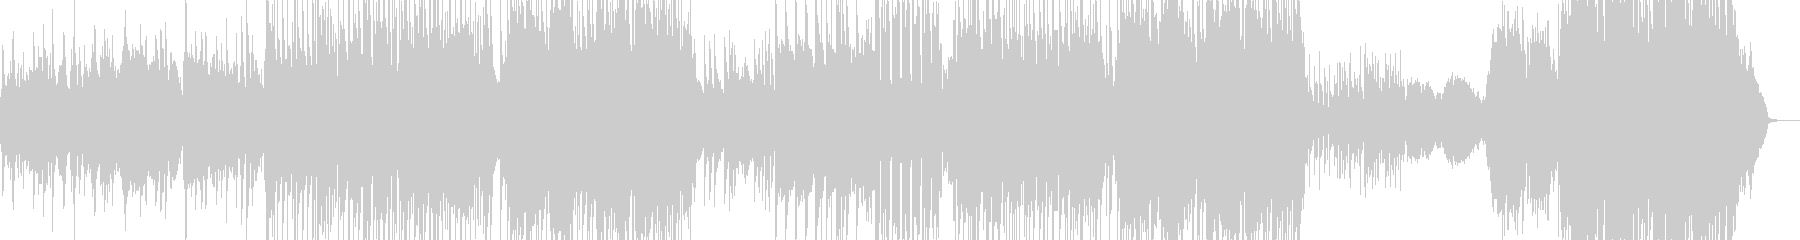 サックス・J-Pop風バラード L+の未再生の波形